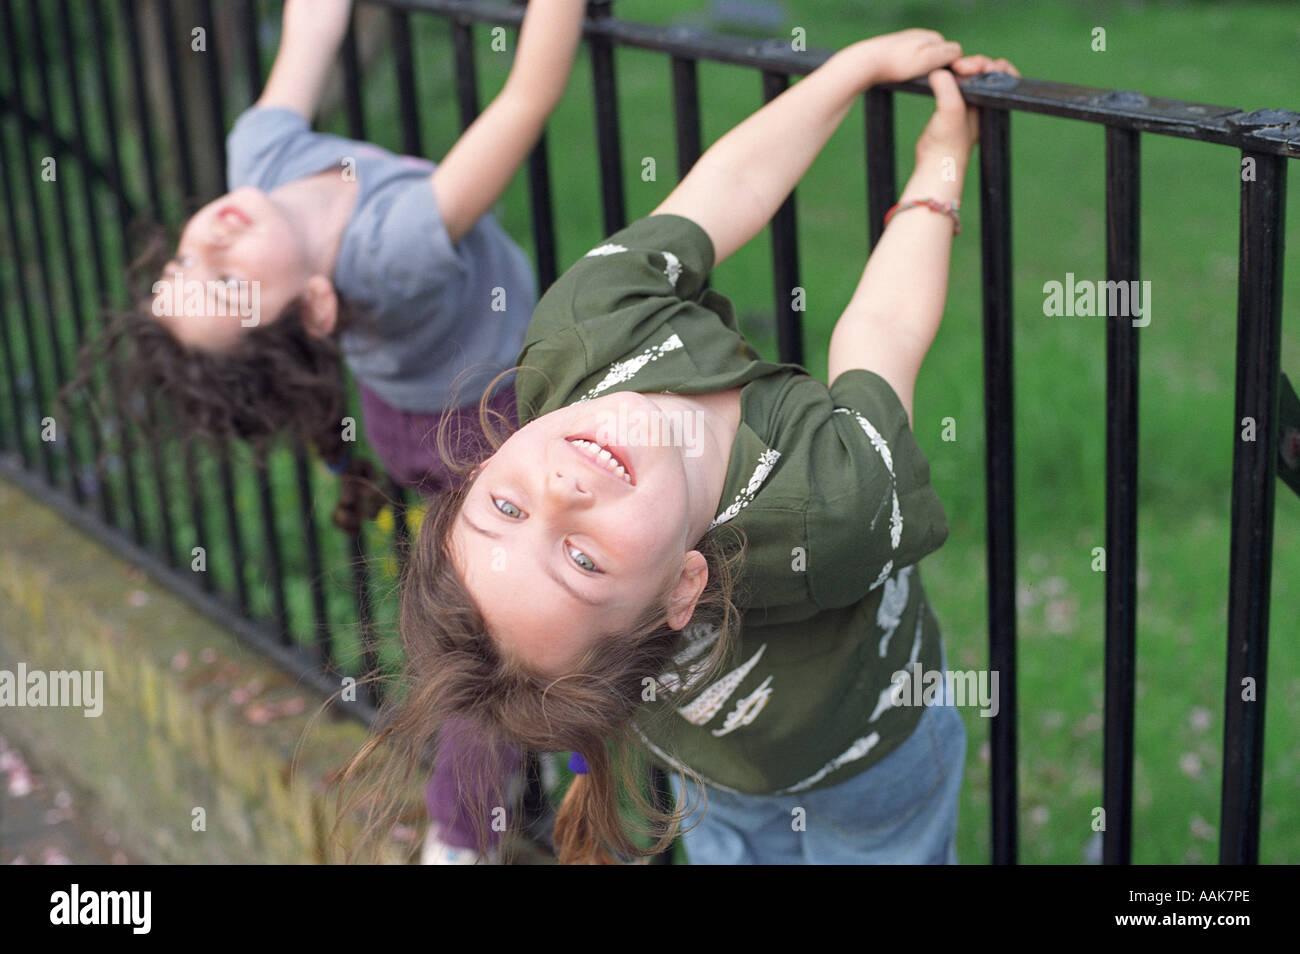 Deux filles de six ans jouant sur les garde-corps métalliques, Londres, Royaume-Uni. Photo Stock